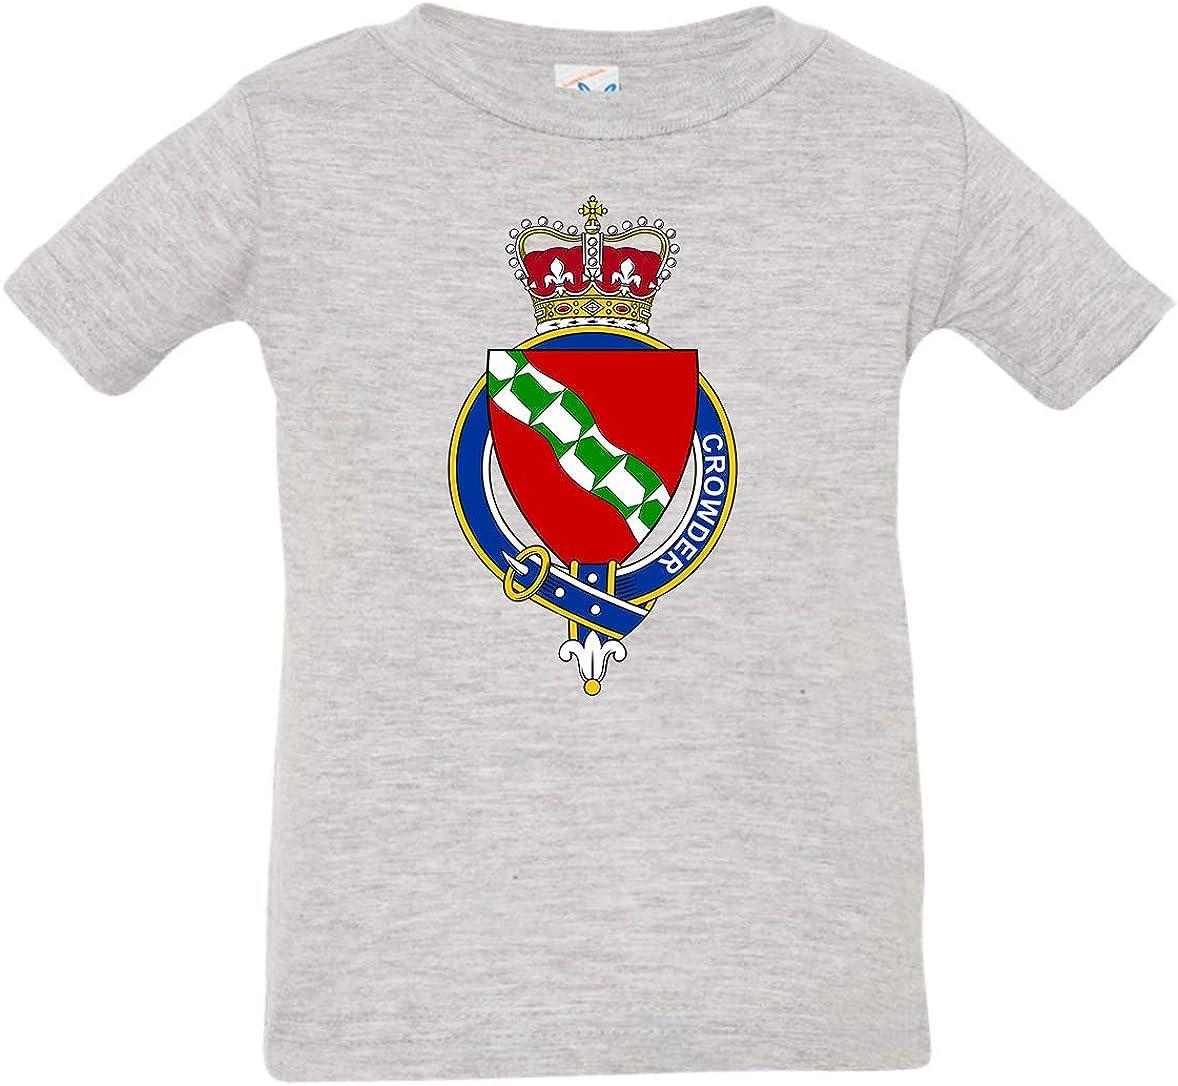 Tenacitee Babys English Garter Family Crowder Shirt